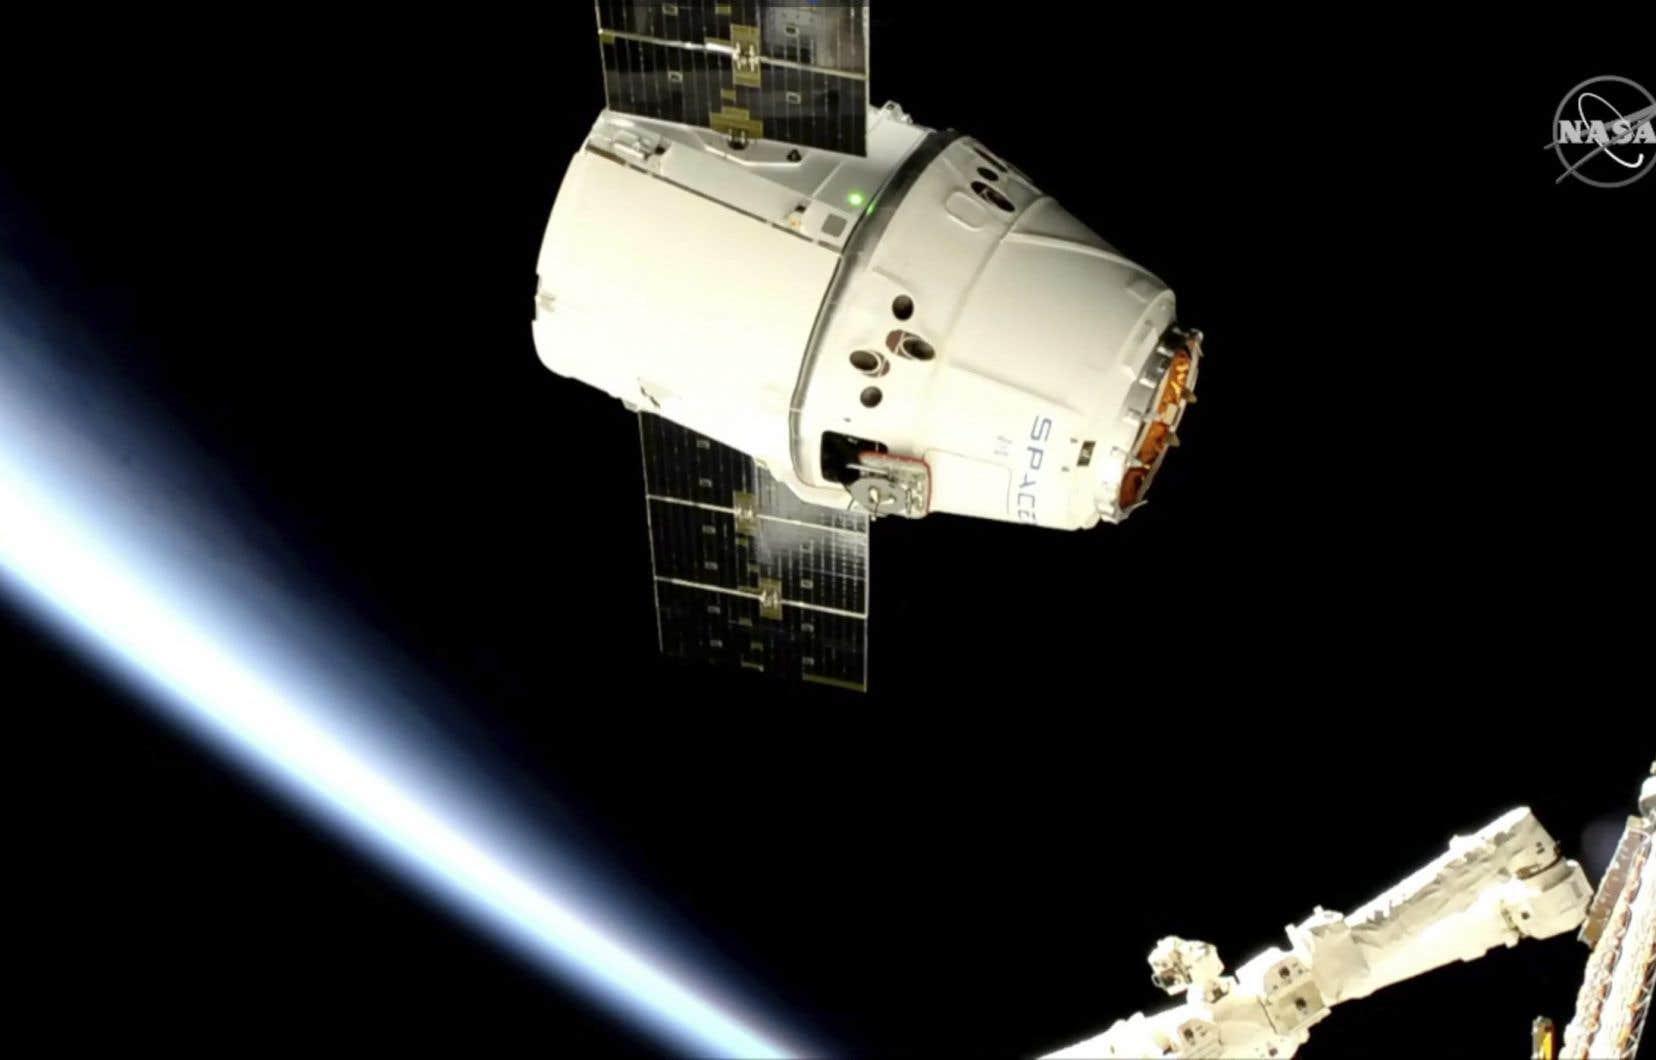 En mars, le gouvernement de Donald Trump a annoncé que le retour d'astronautes américains sur la Lune aurait lieu d'ici 2024 et non 2028, comme auparavant prévu.